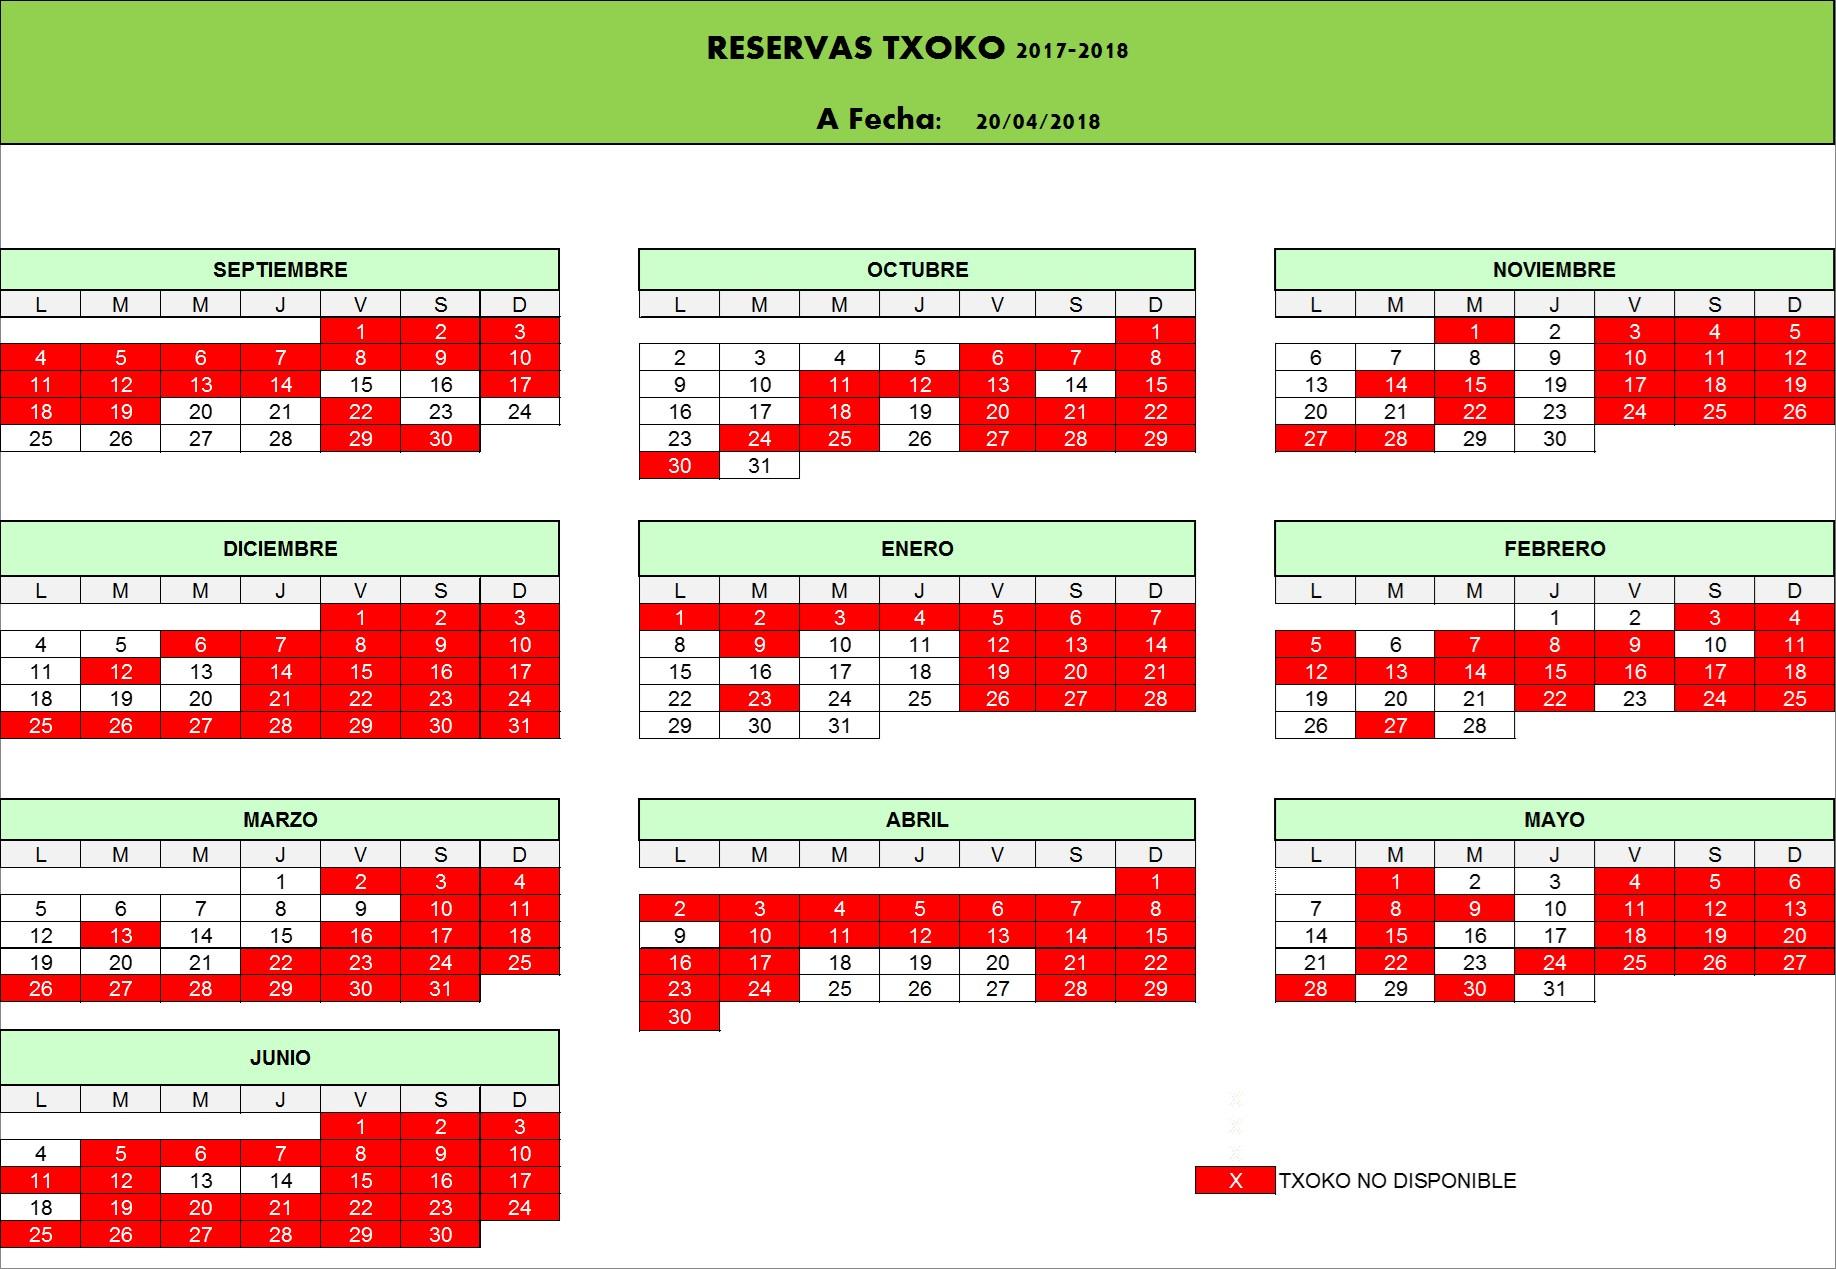 Calendario Deusto.Calendario 20 04 2018